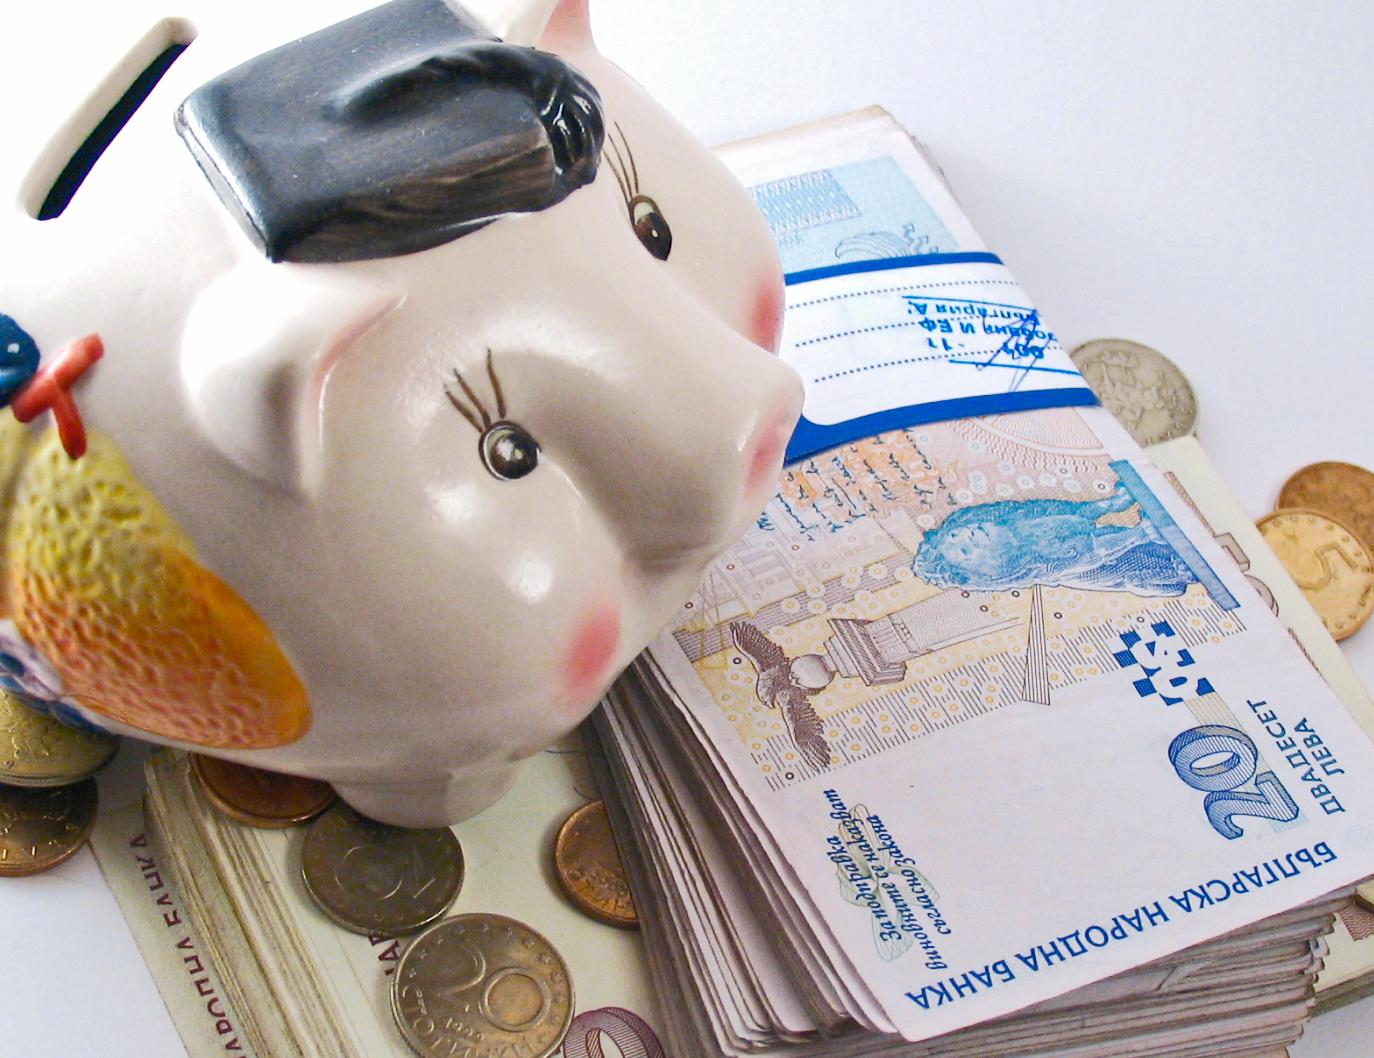 Mais de 2/3 das famílias brasileiras não pensam em poupar. Como resolver isso?